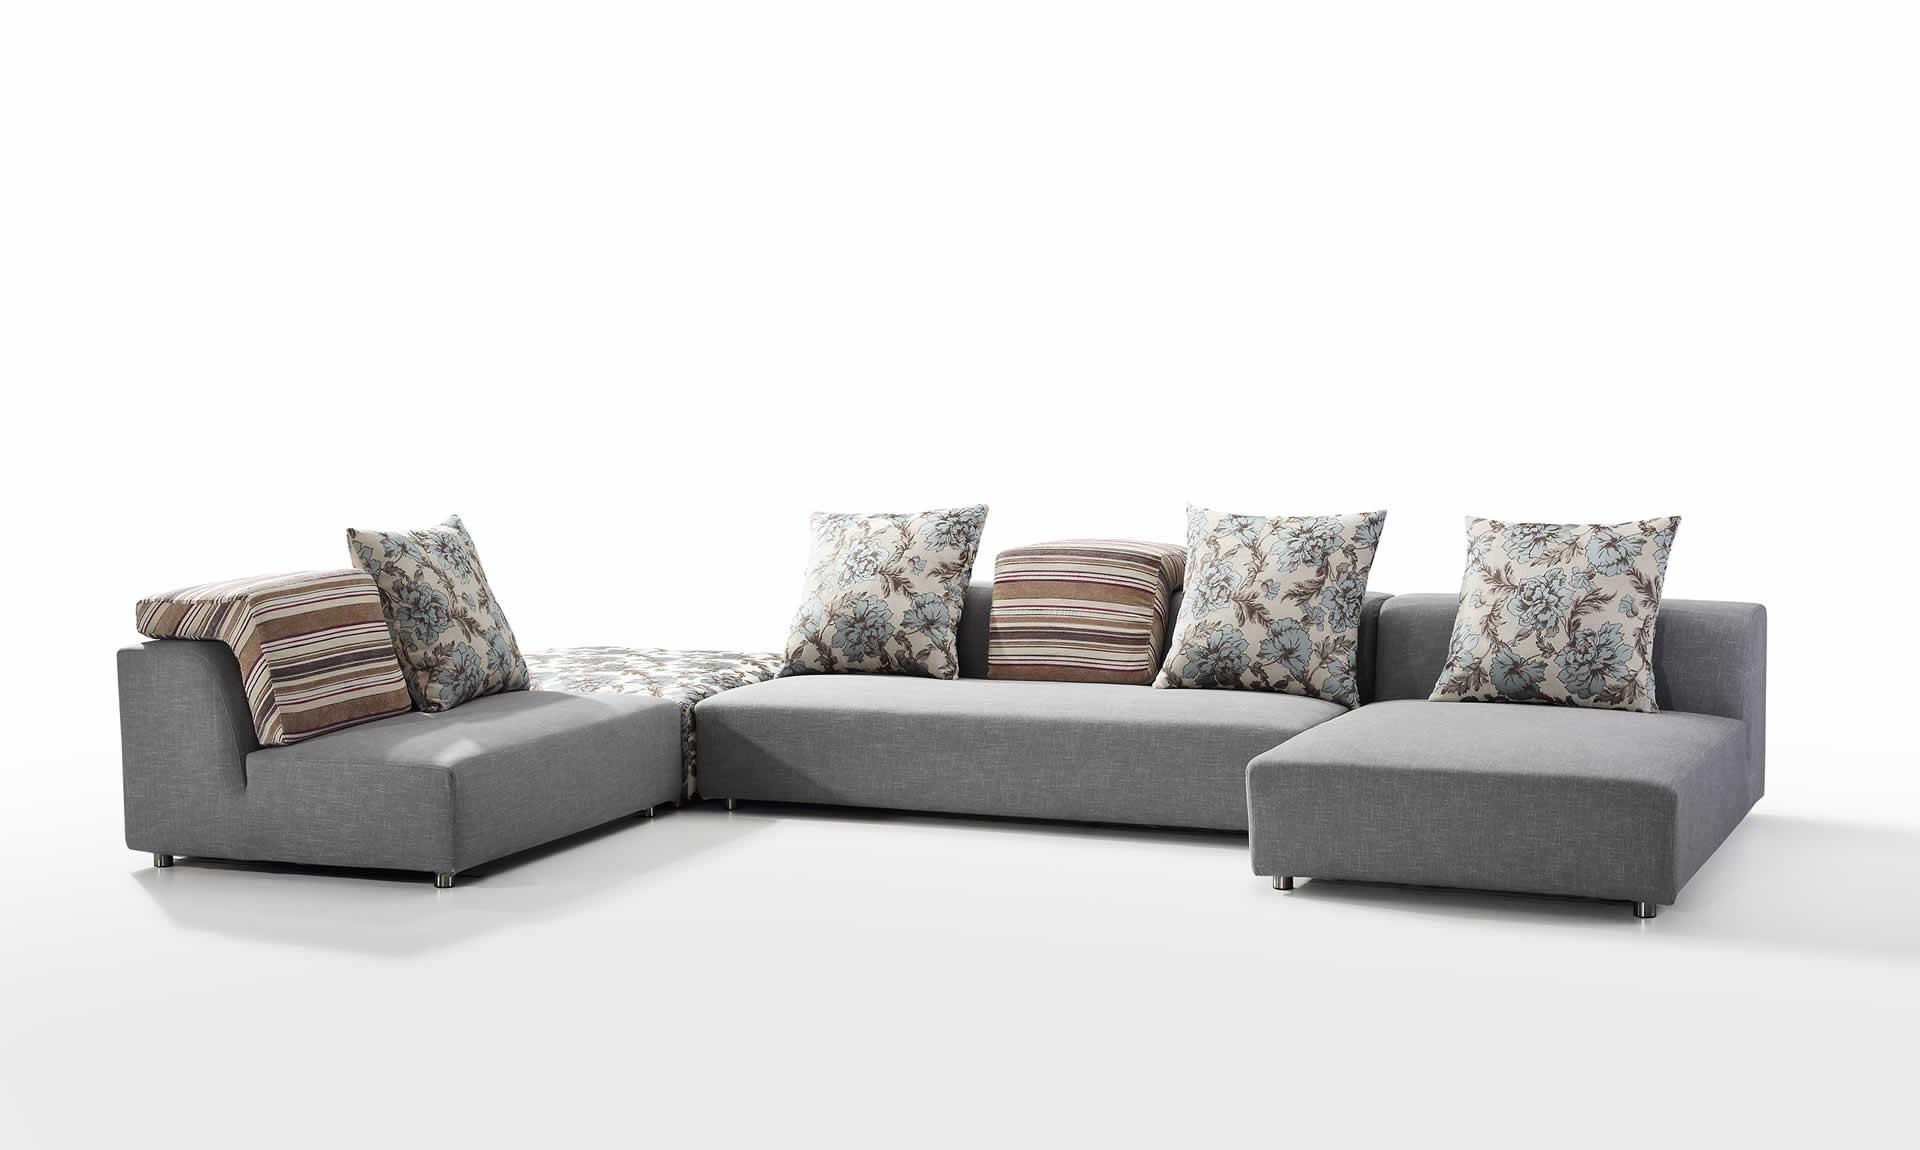 Wohnlandschaft celine designer sofa couch couchgarnitur for Polster ecksofa